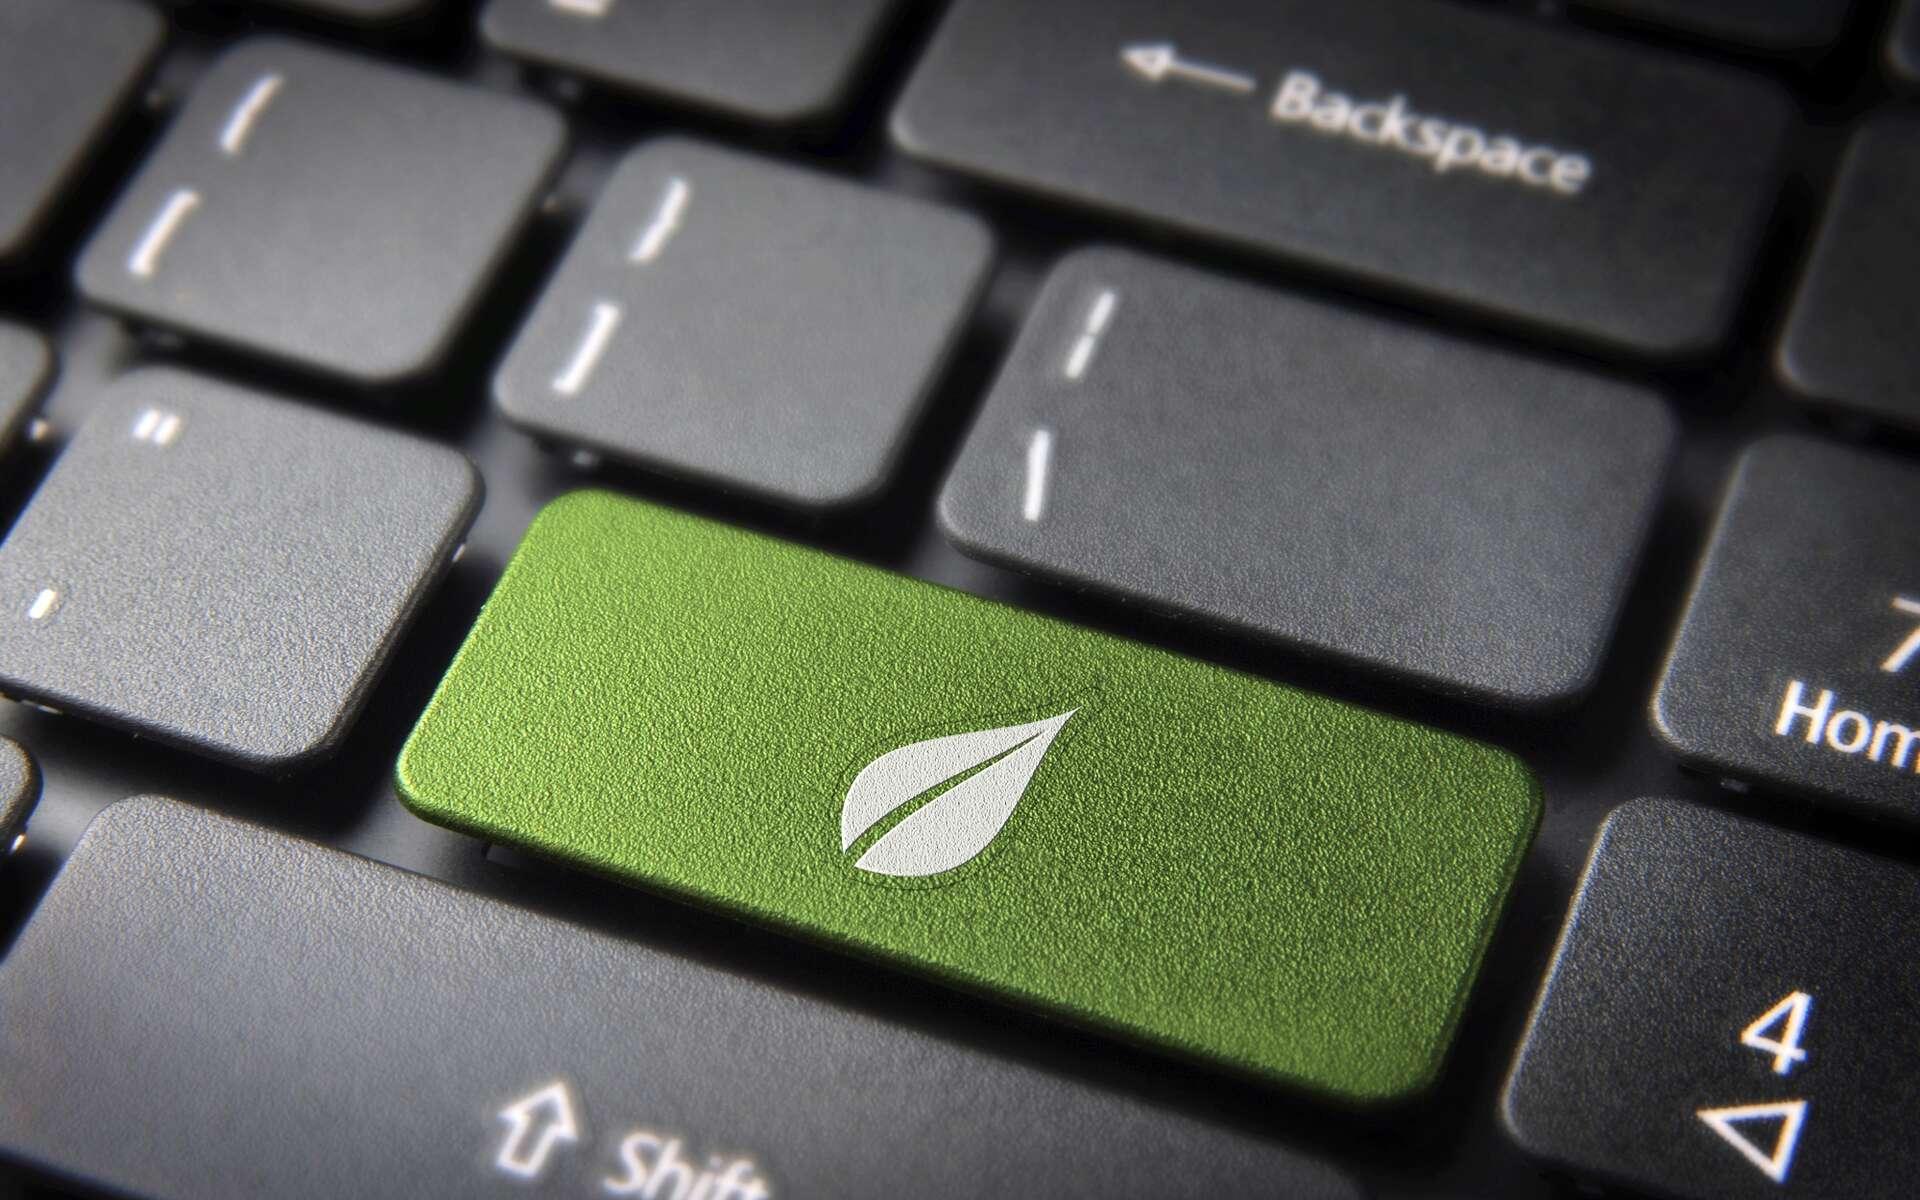 Le consultant green IT a un rôle prépondérant dans la transition écoresponsable d'une entreprise. © cienpies, Adobe Stock